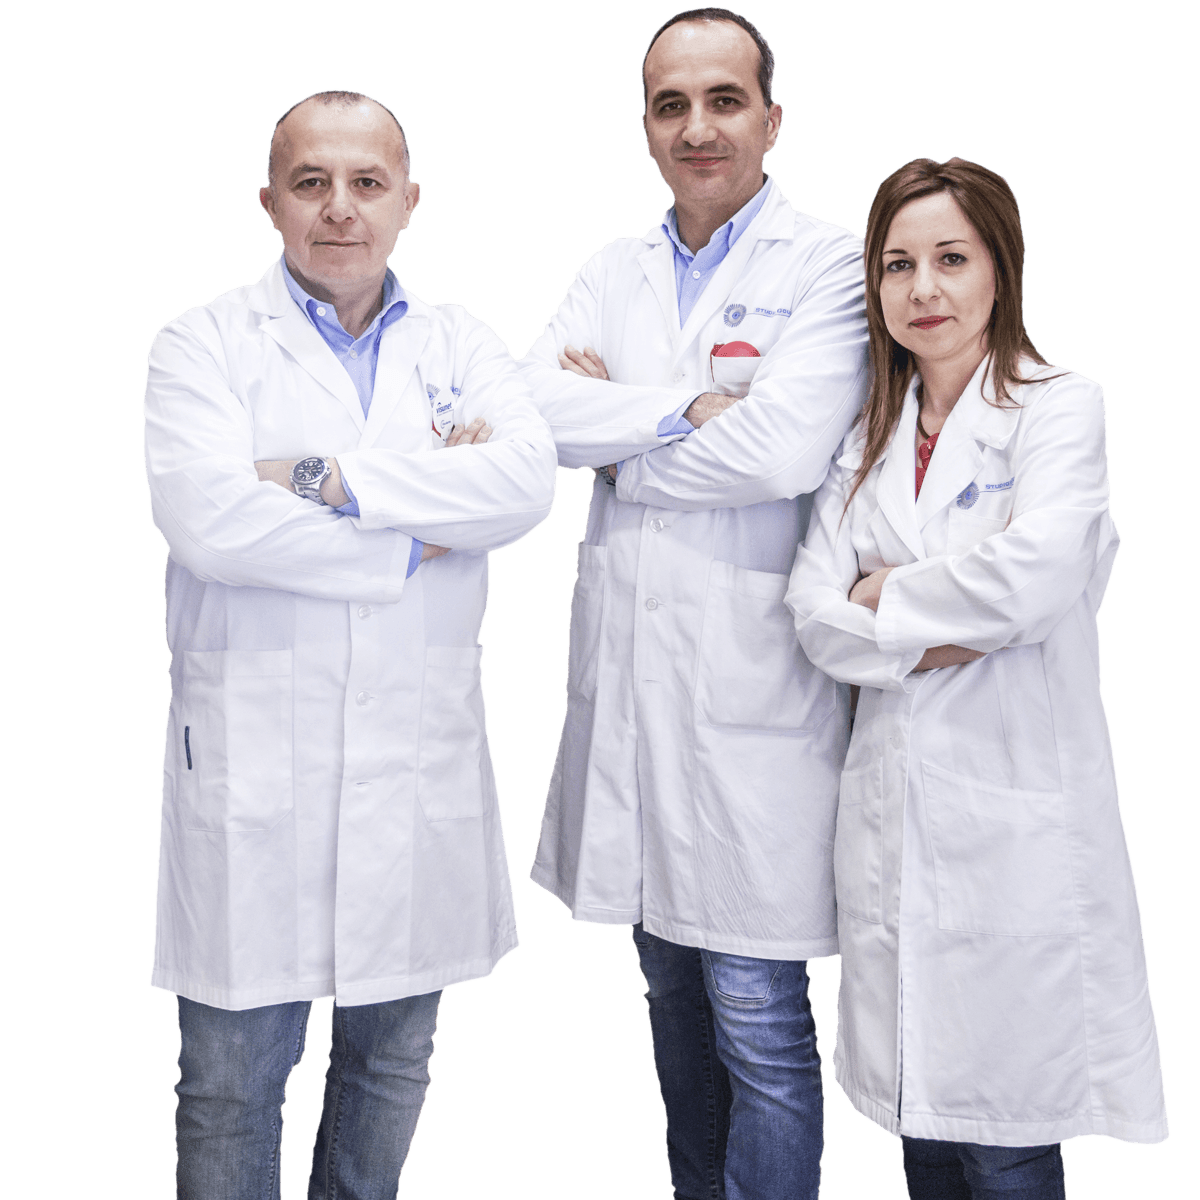 37fa793725 Migliorare la capacità visiva naturale con la chirurgia refrattiva  femto-laser